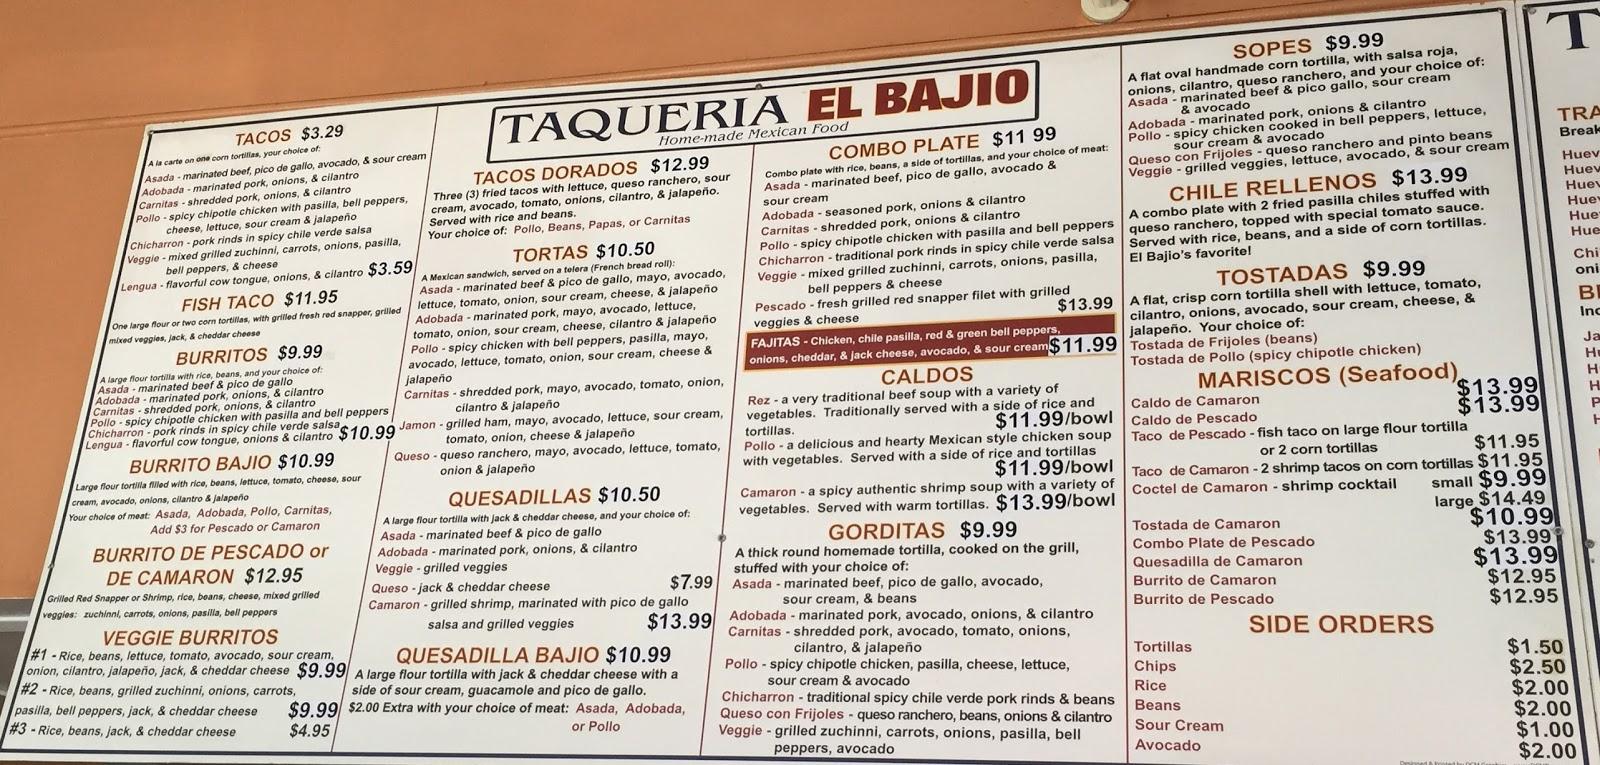 TASTE OF HAWAII: TAQUERIA EL BAJIO - SANTA BARBARA, CALIFORNIA